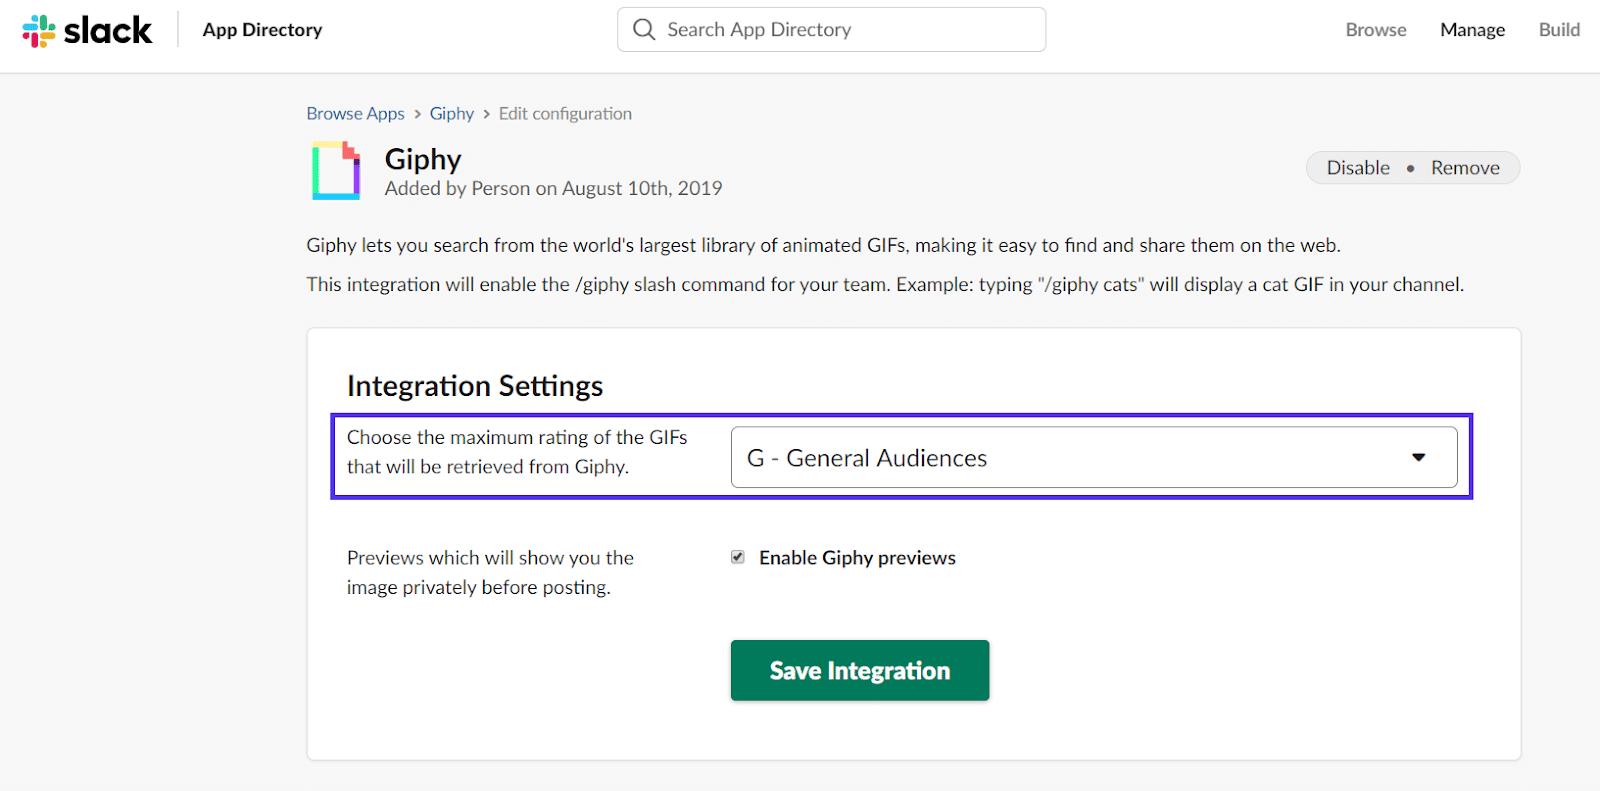 Configuraciones de integración Giphy